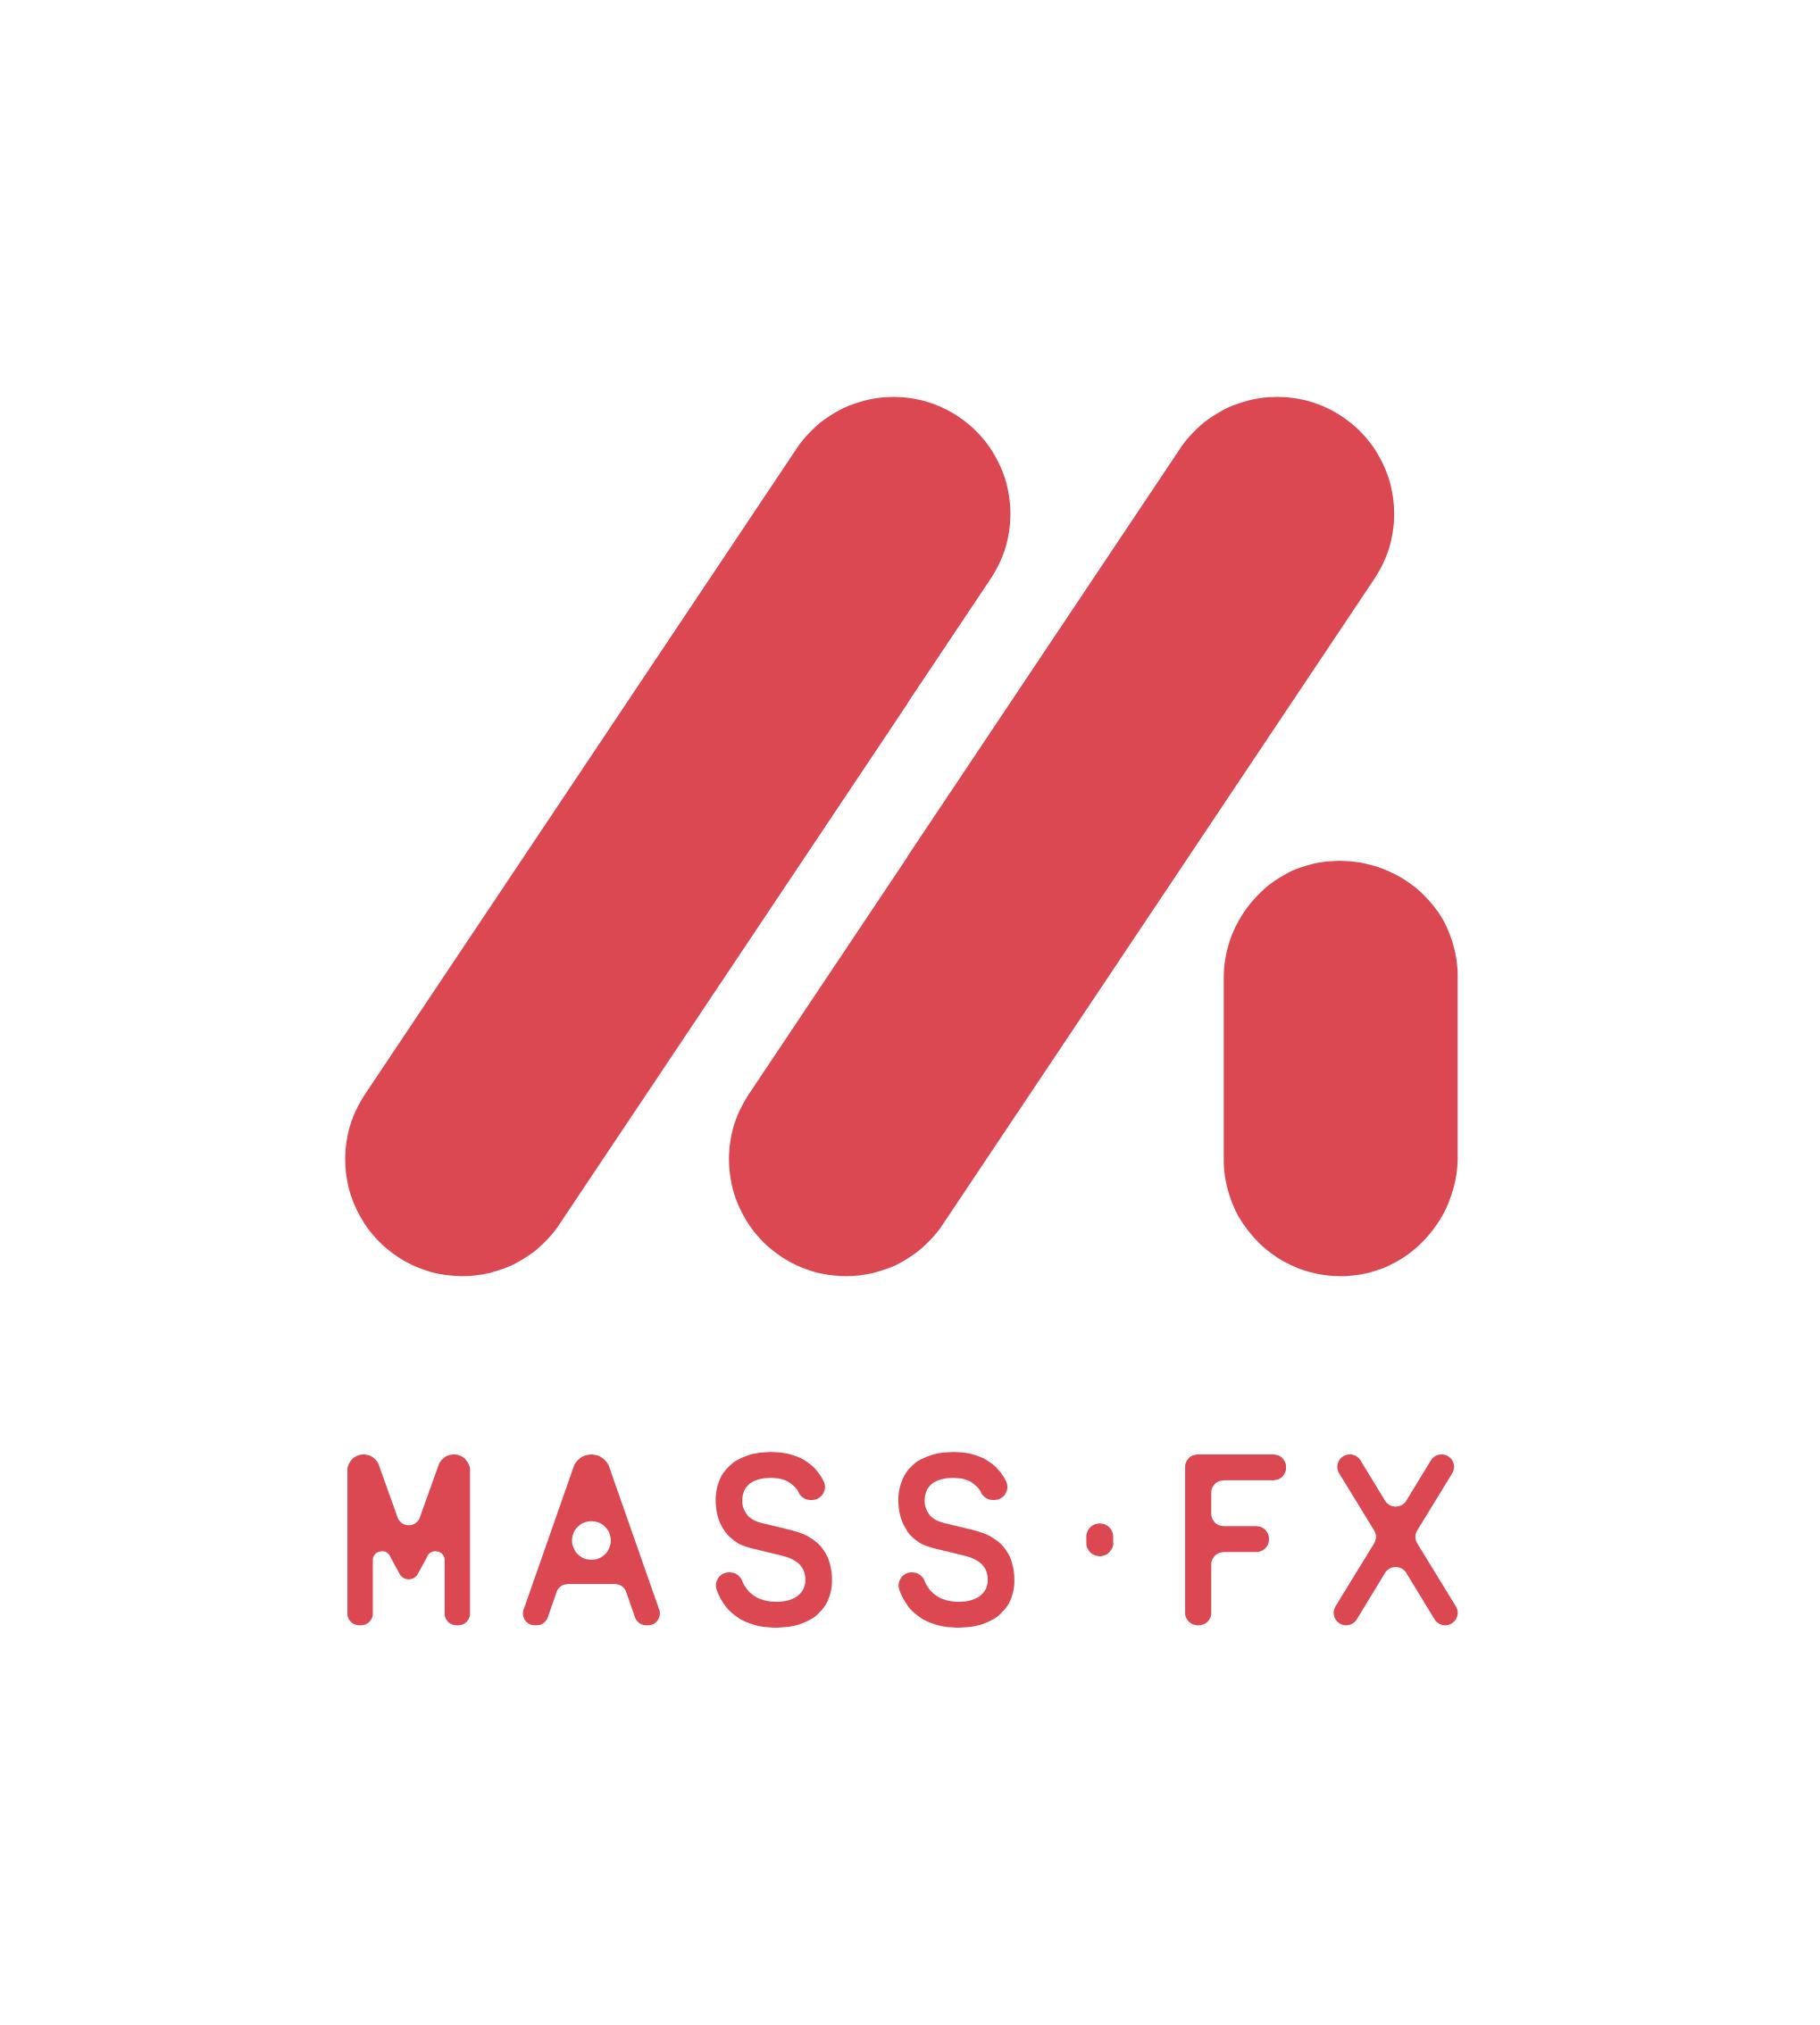 Mass FX Media Logo